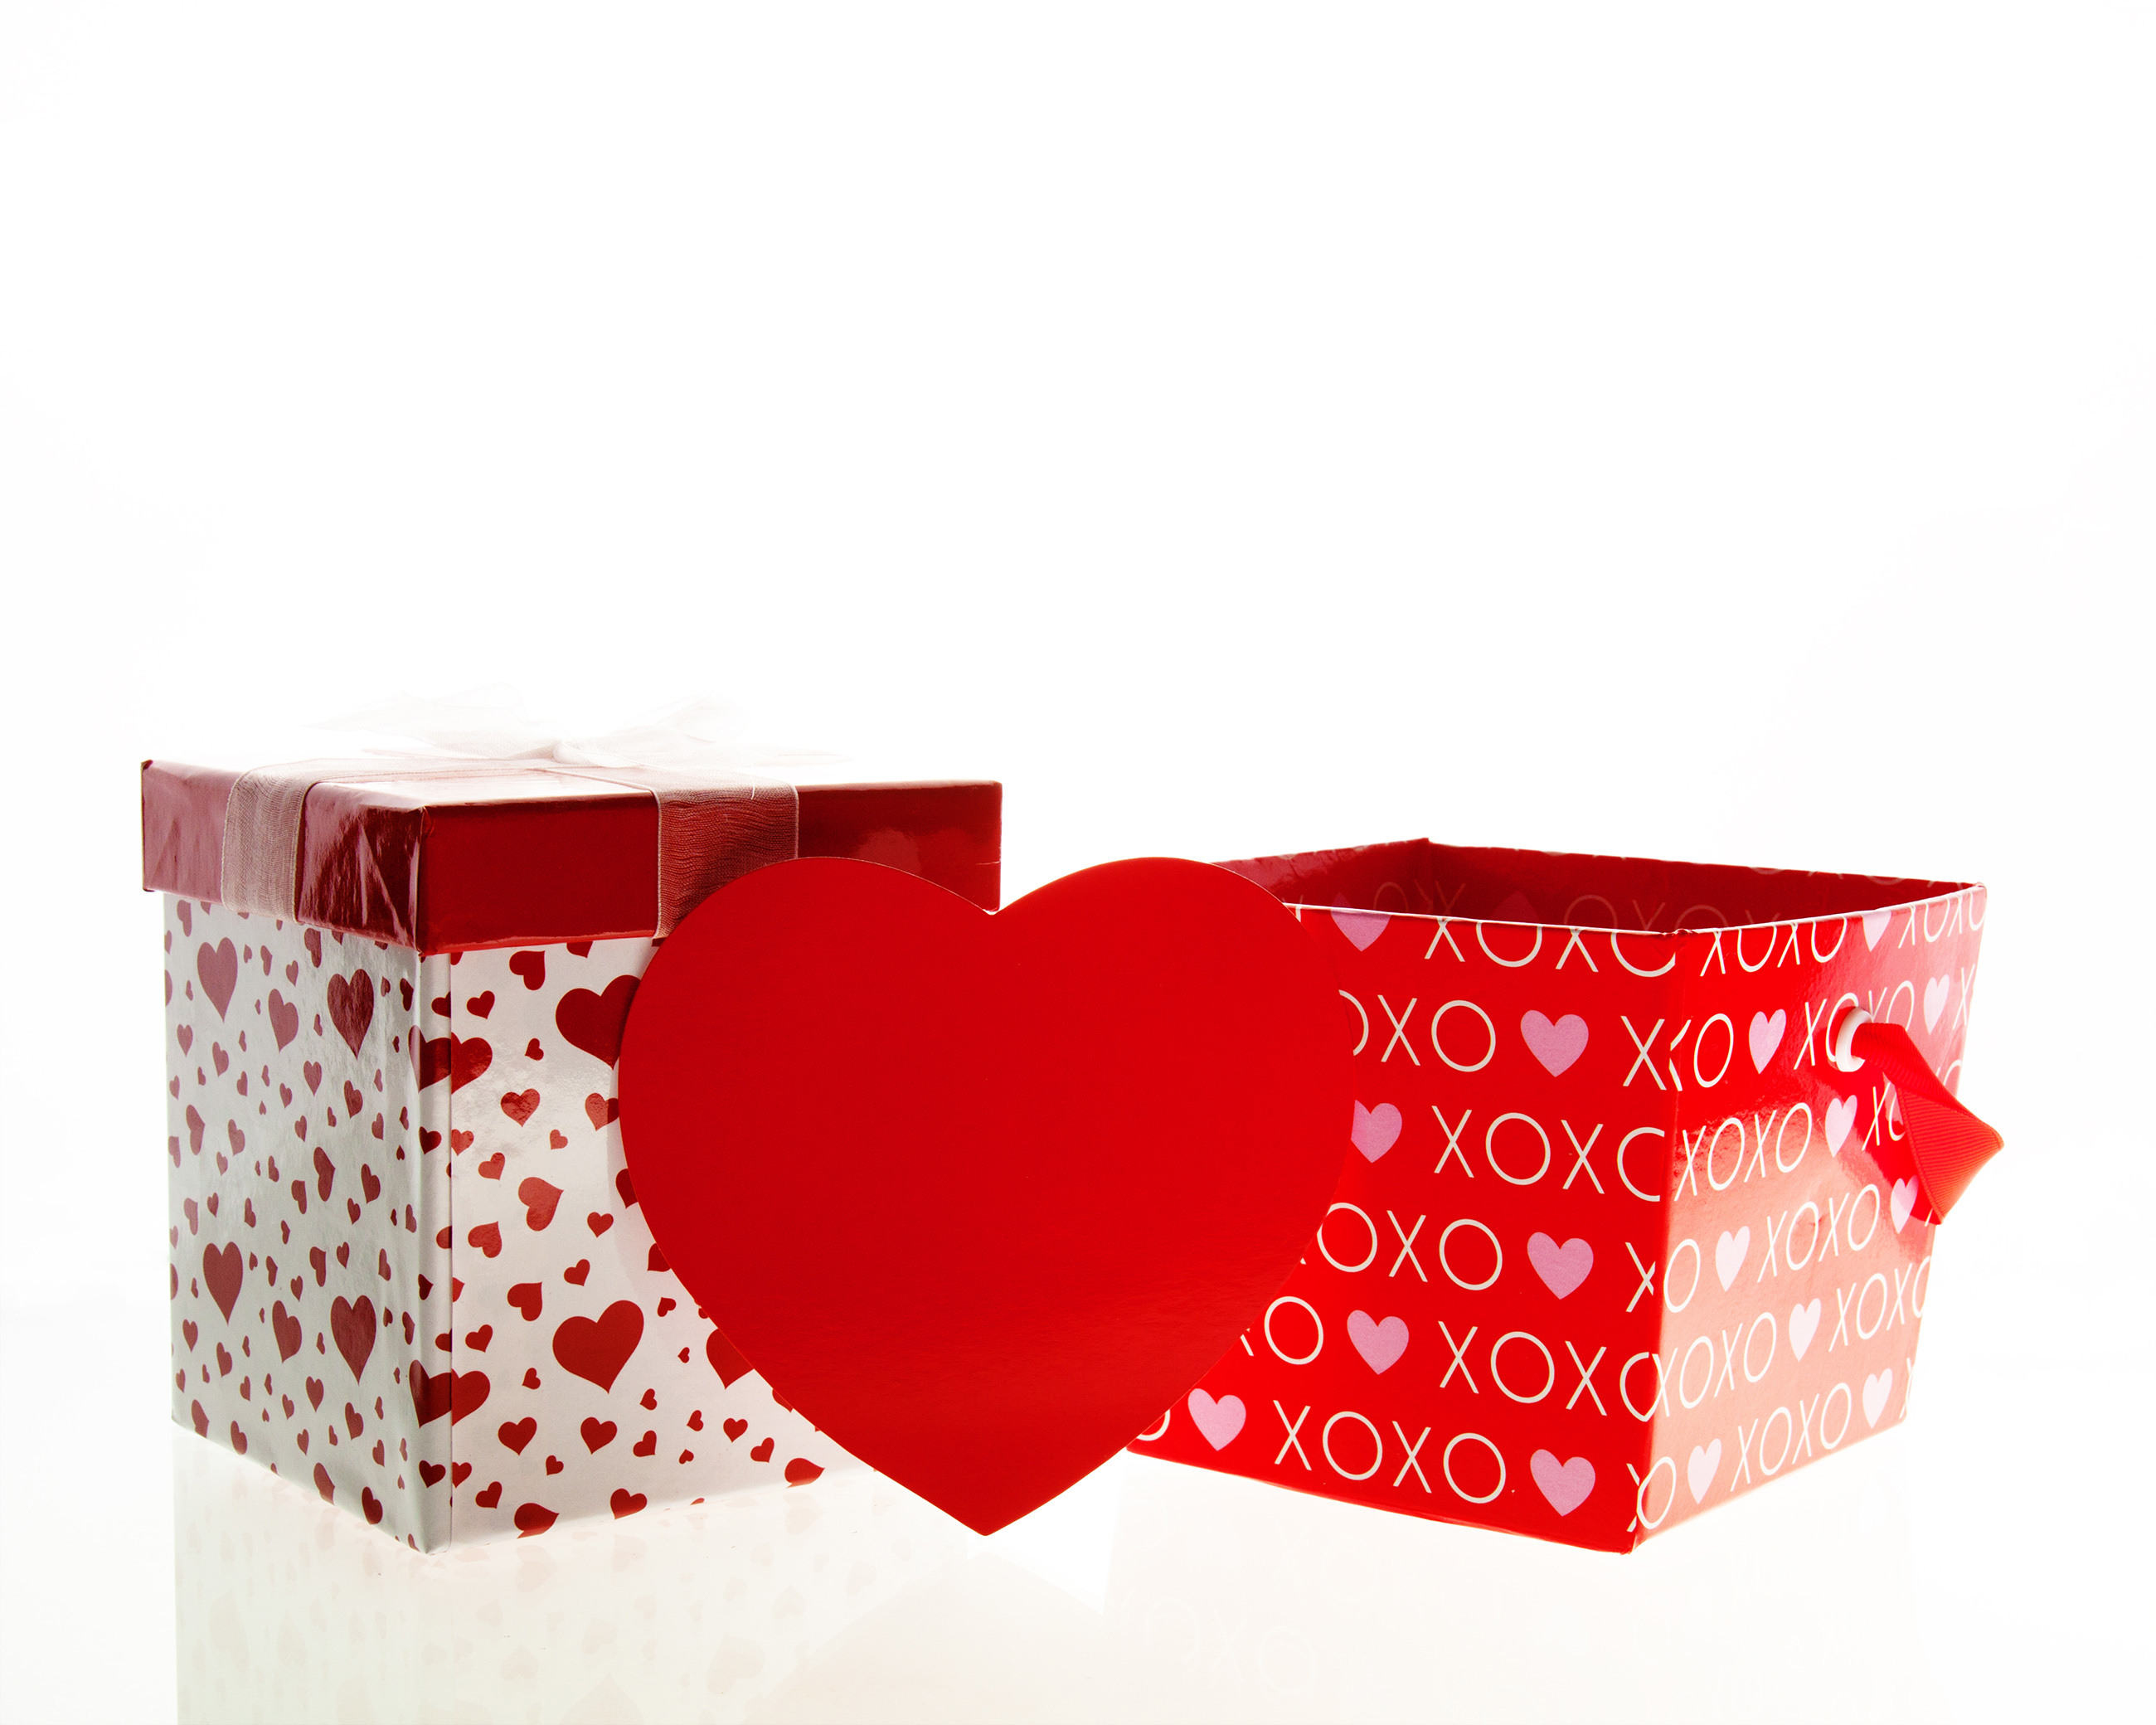 Valentines photo